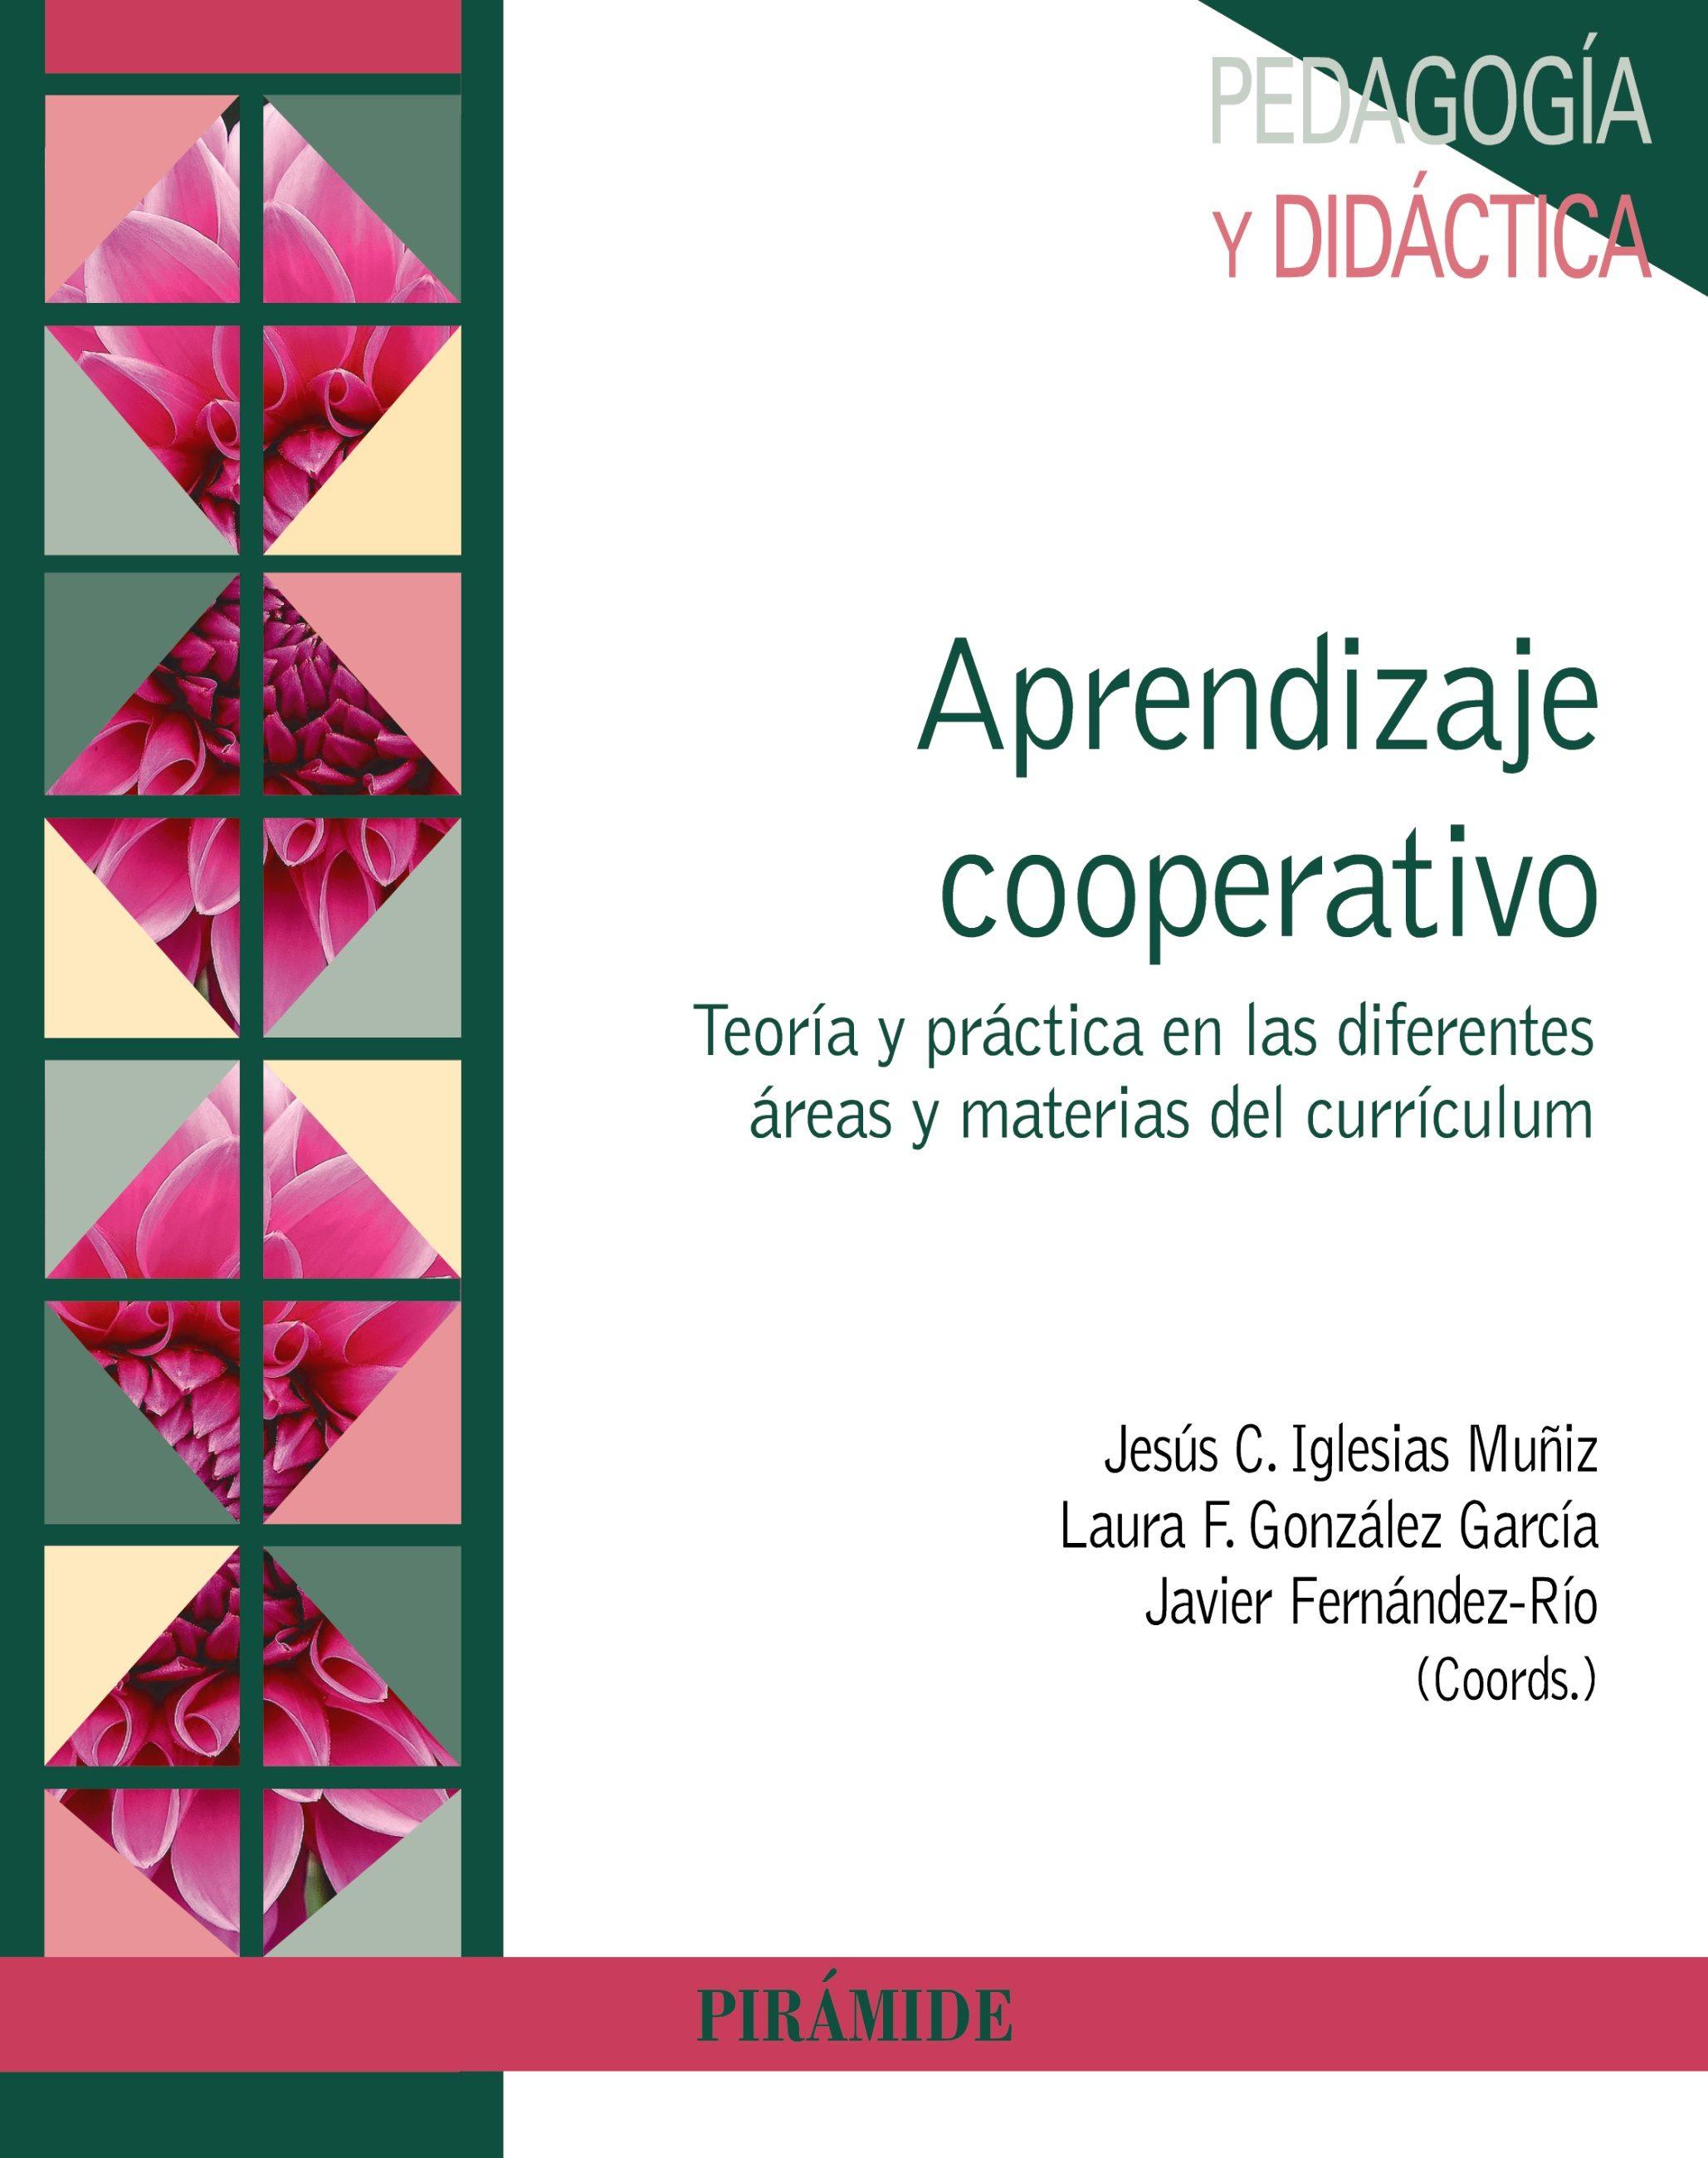 Aprendizaje cooperativo. Teoría y práctica de las diferentes áreas y materias del currículum